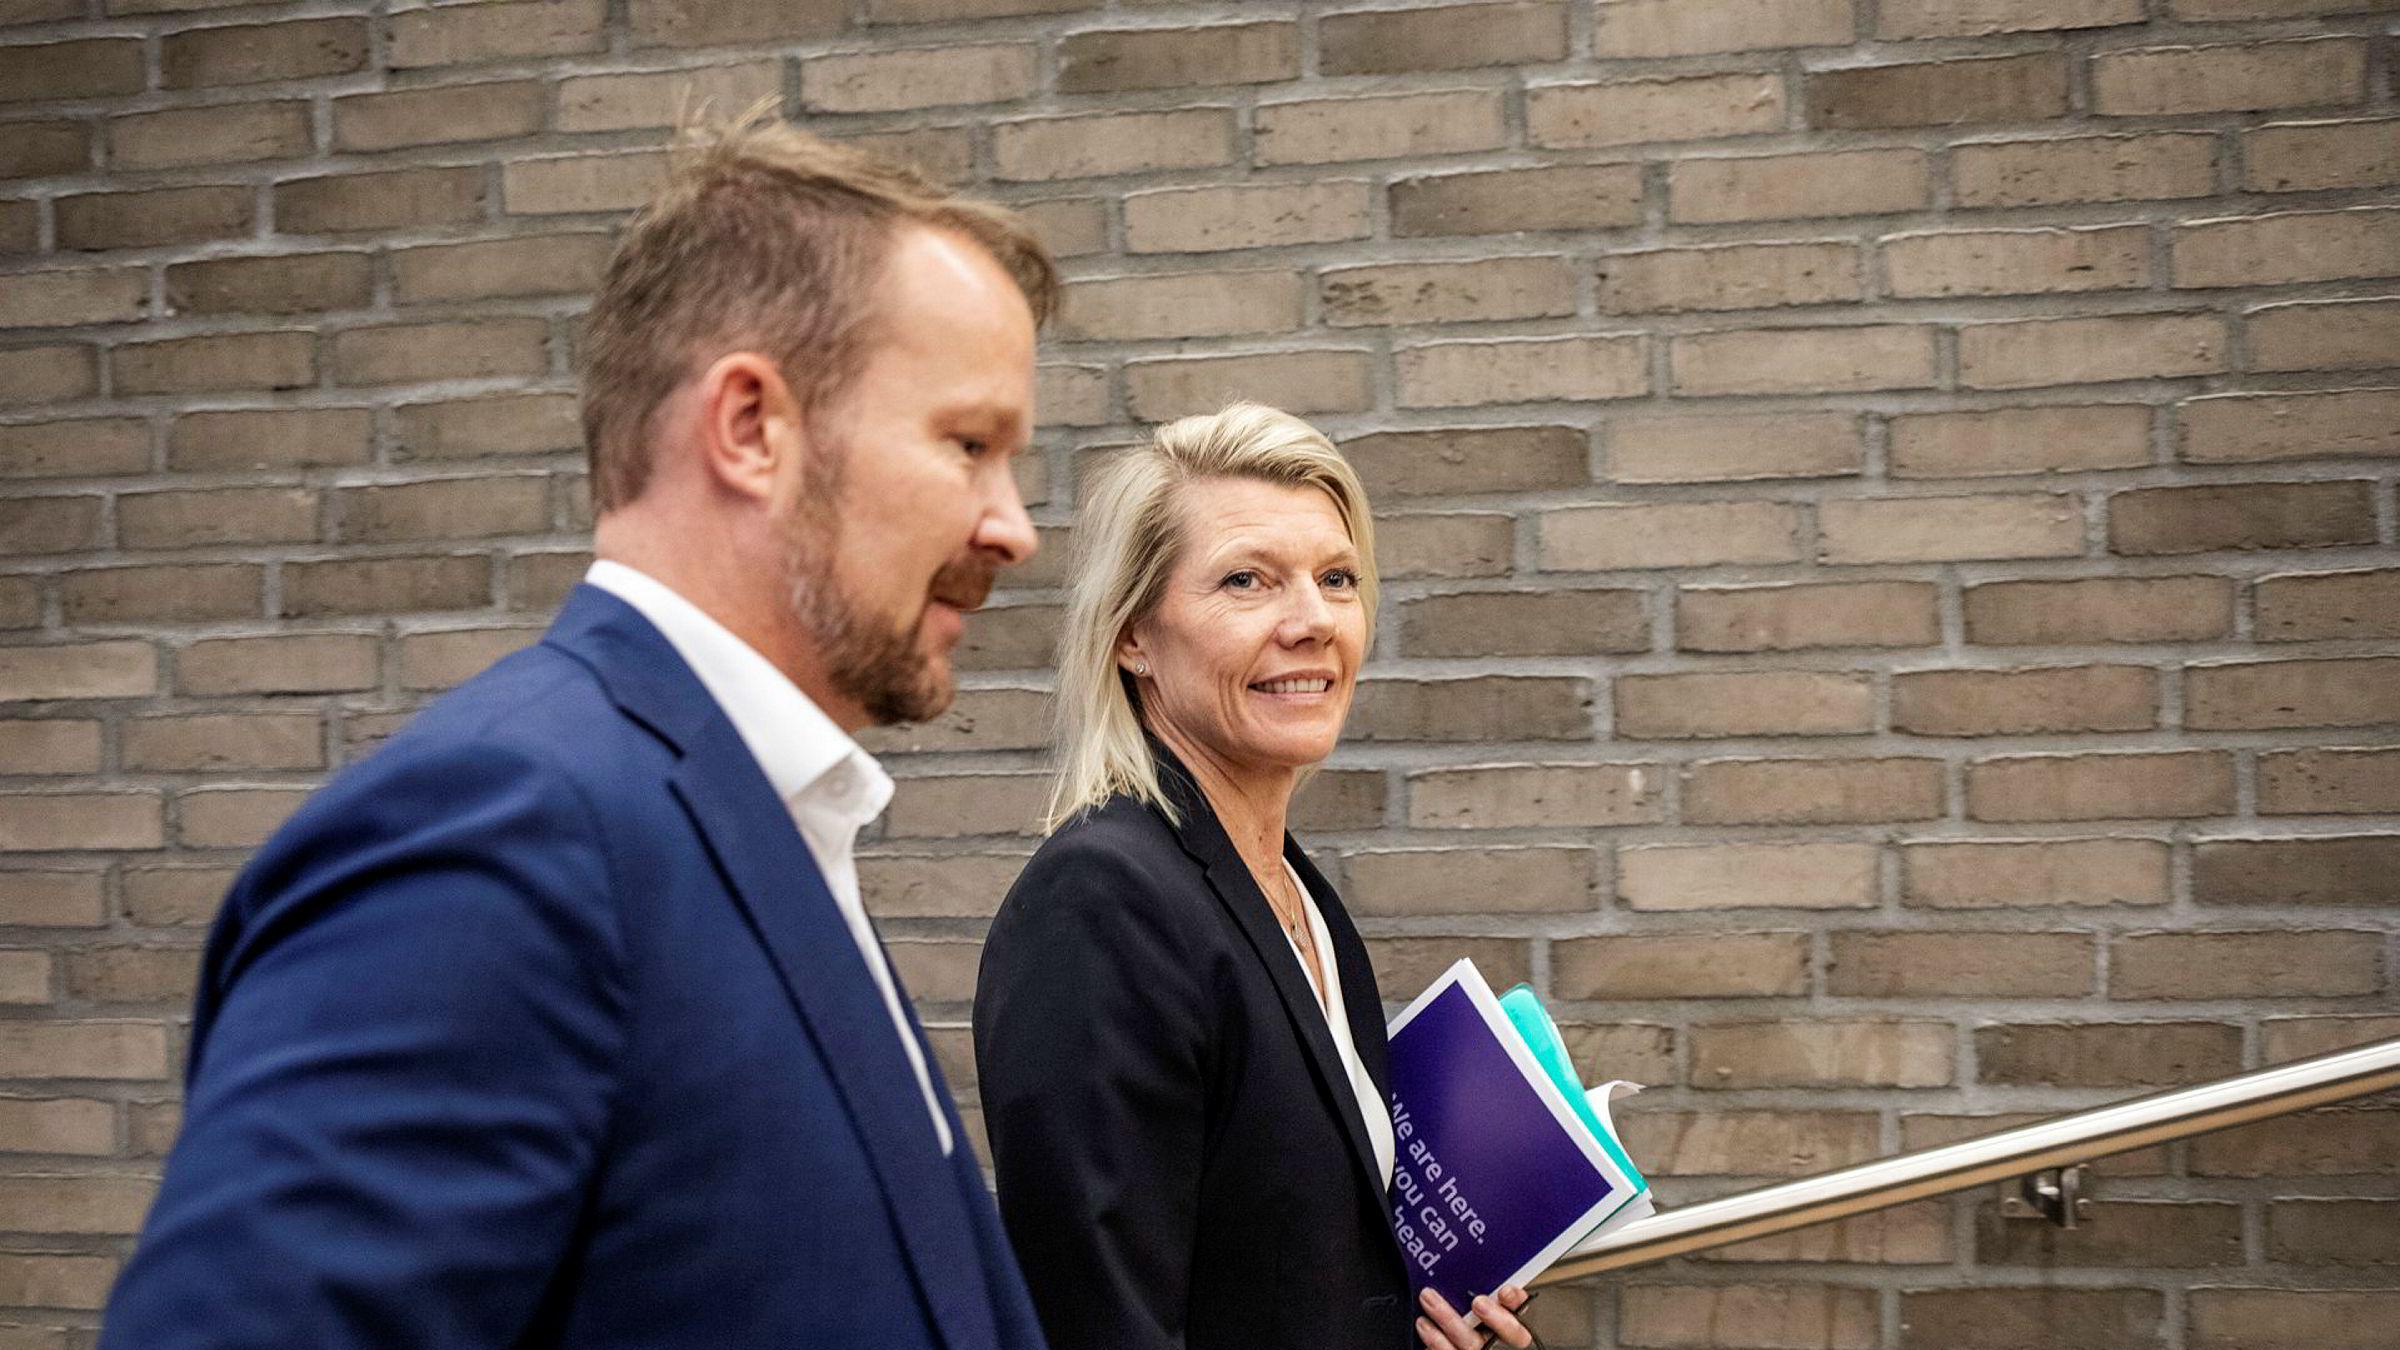 DNB-sjef Kjerstin Braathen har fått en alvorlig sak om mulig hvitvasking og korrupsjon i fanget etter at hun tok lederjobben i september i år. Her med kommunikasjonsdirektør Thomas Midteide under en resultatpresentasjon i Oslo i høst.